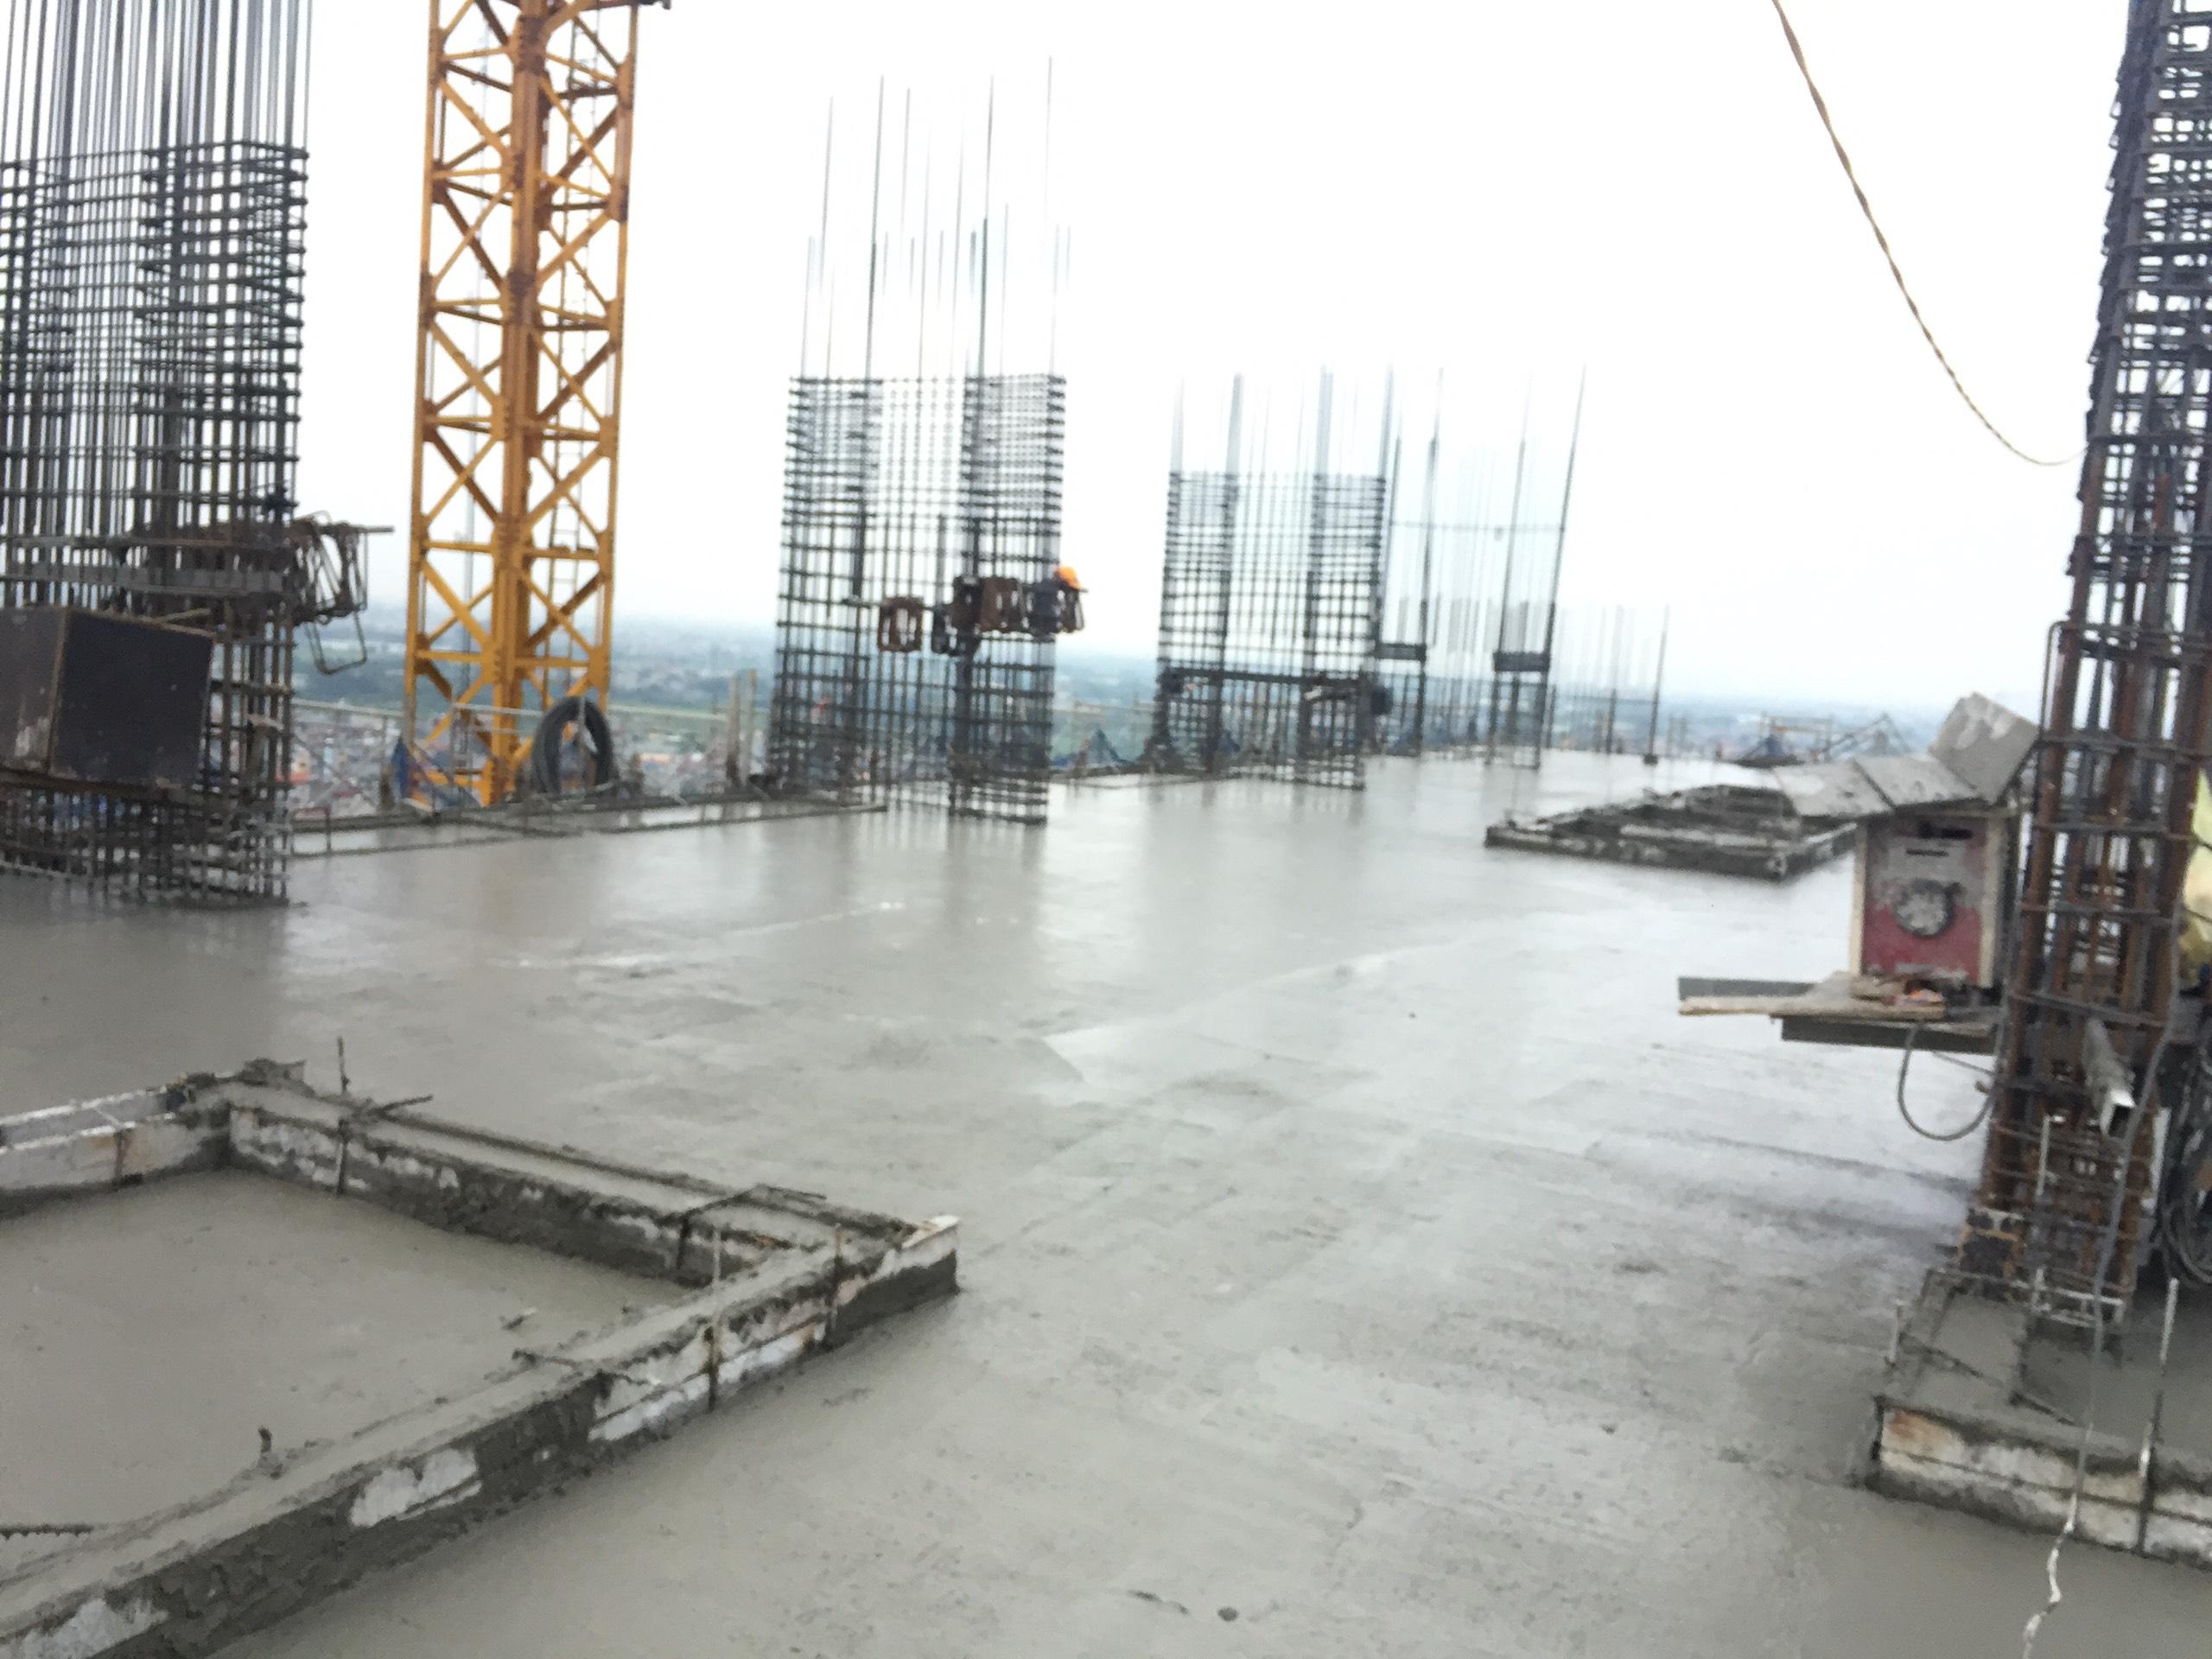 Tiến độ xây dựng dự án Athena Complex Pháp Vân ngày 15/10/2020